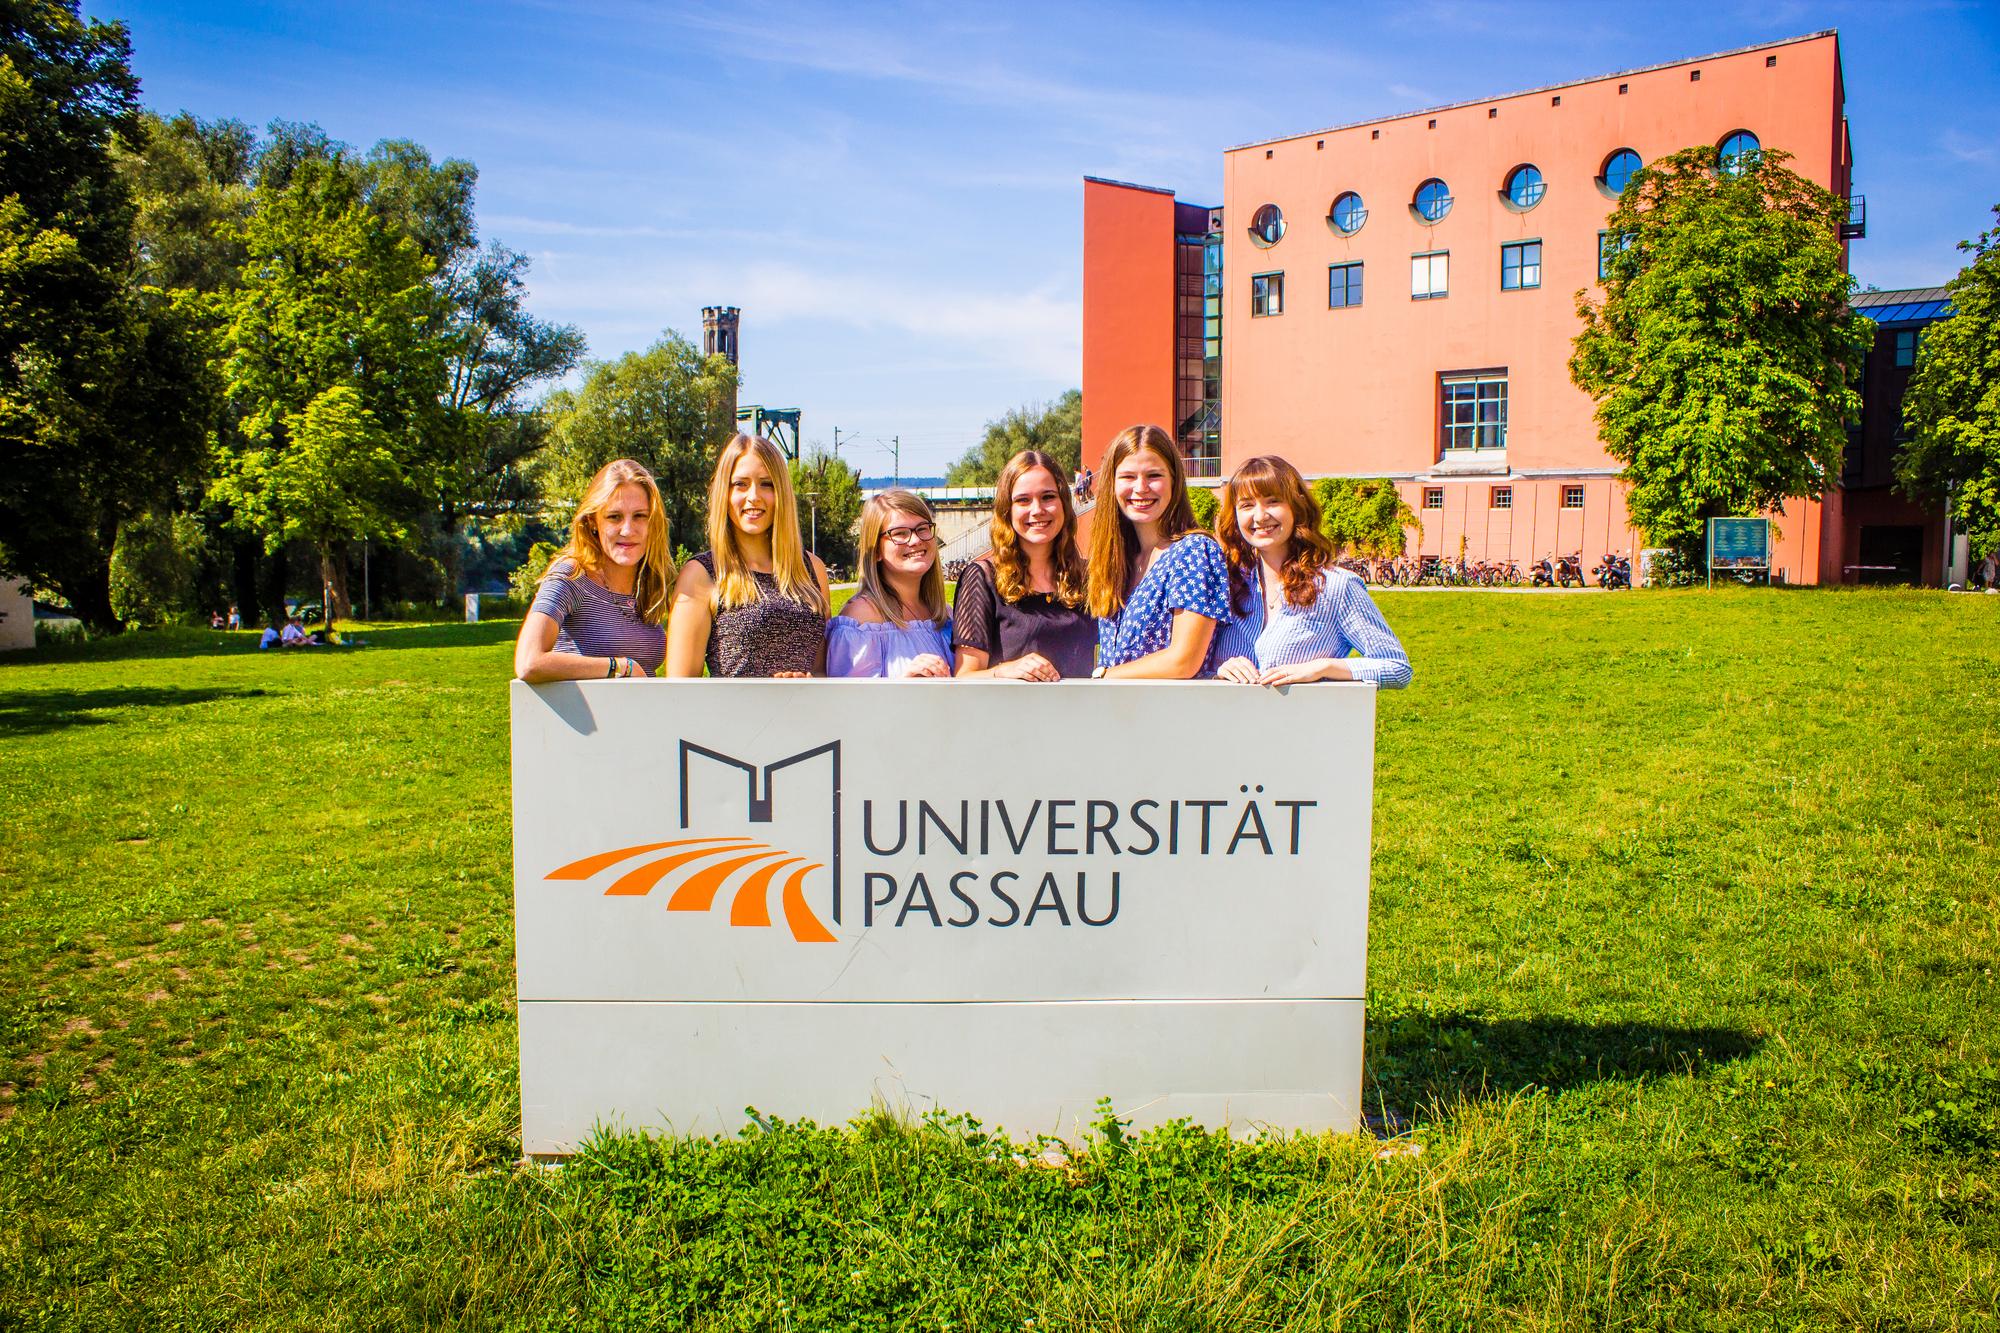 Der studentische Vorstand des kuwi netzwerks heißt die neuen Studierenden herzlich Willkommen.